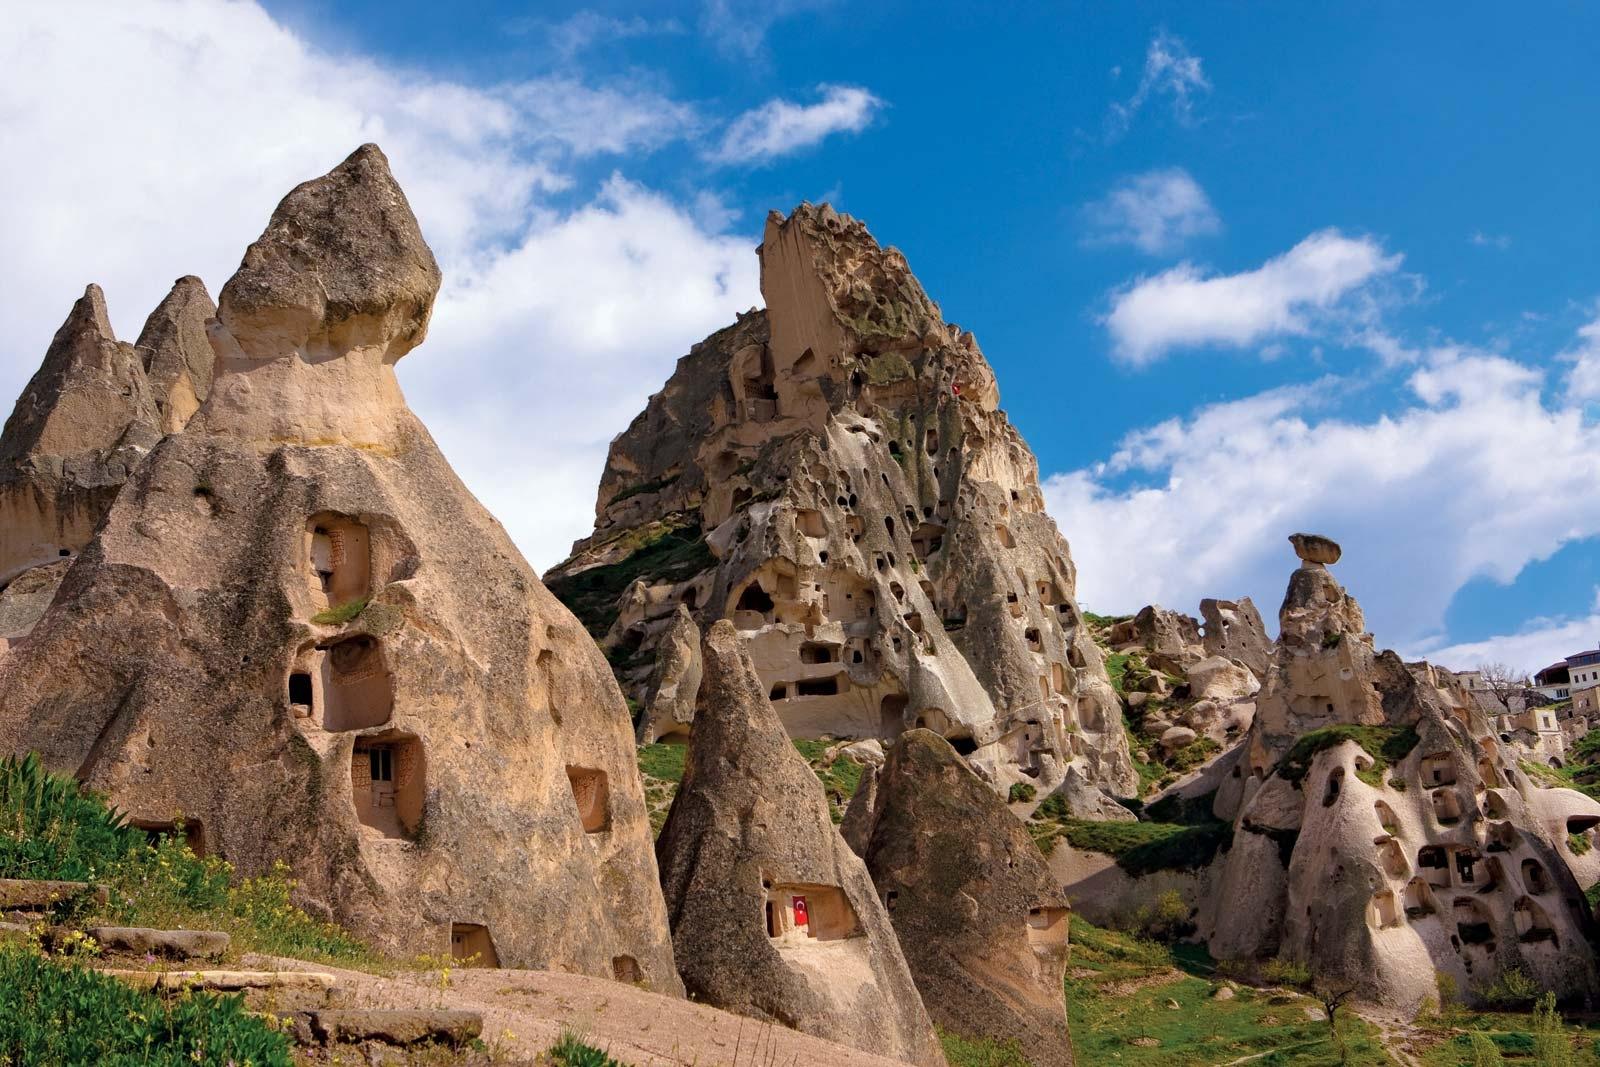 Cụm nhà thờ trong hang động núi lửa lâu đời nhất thế giới